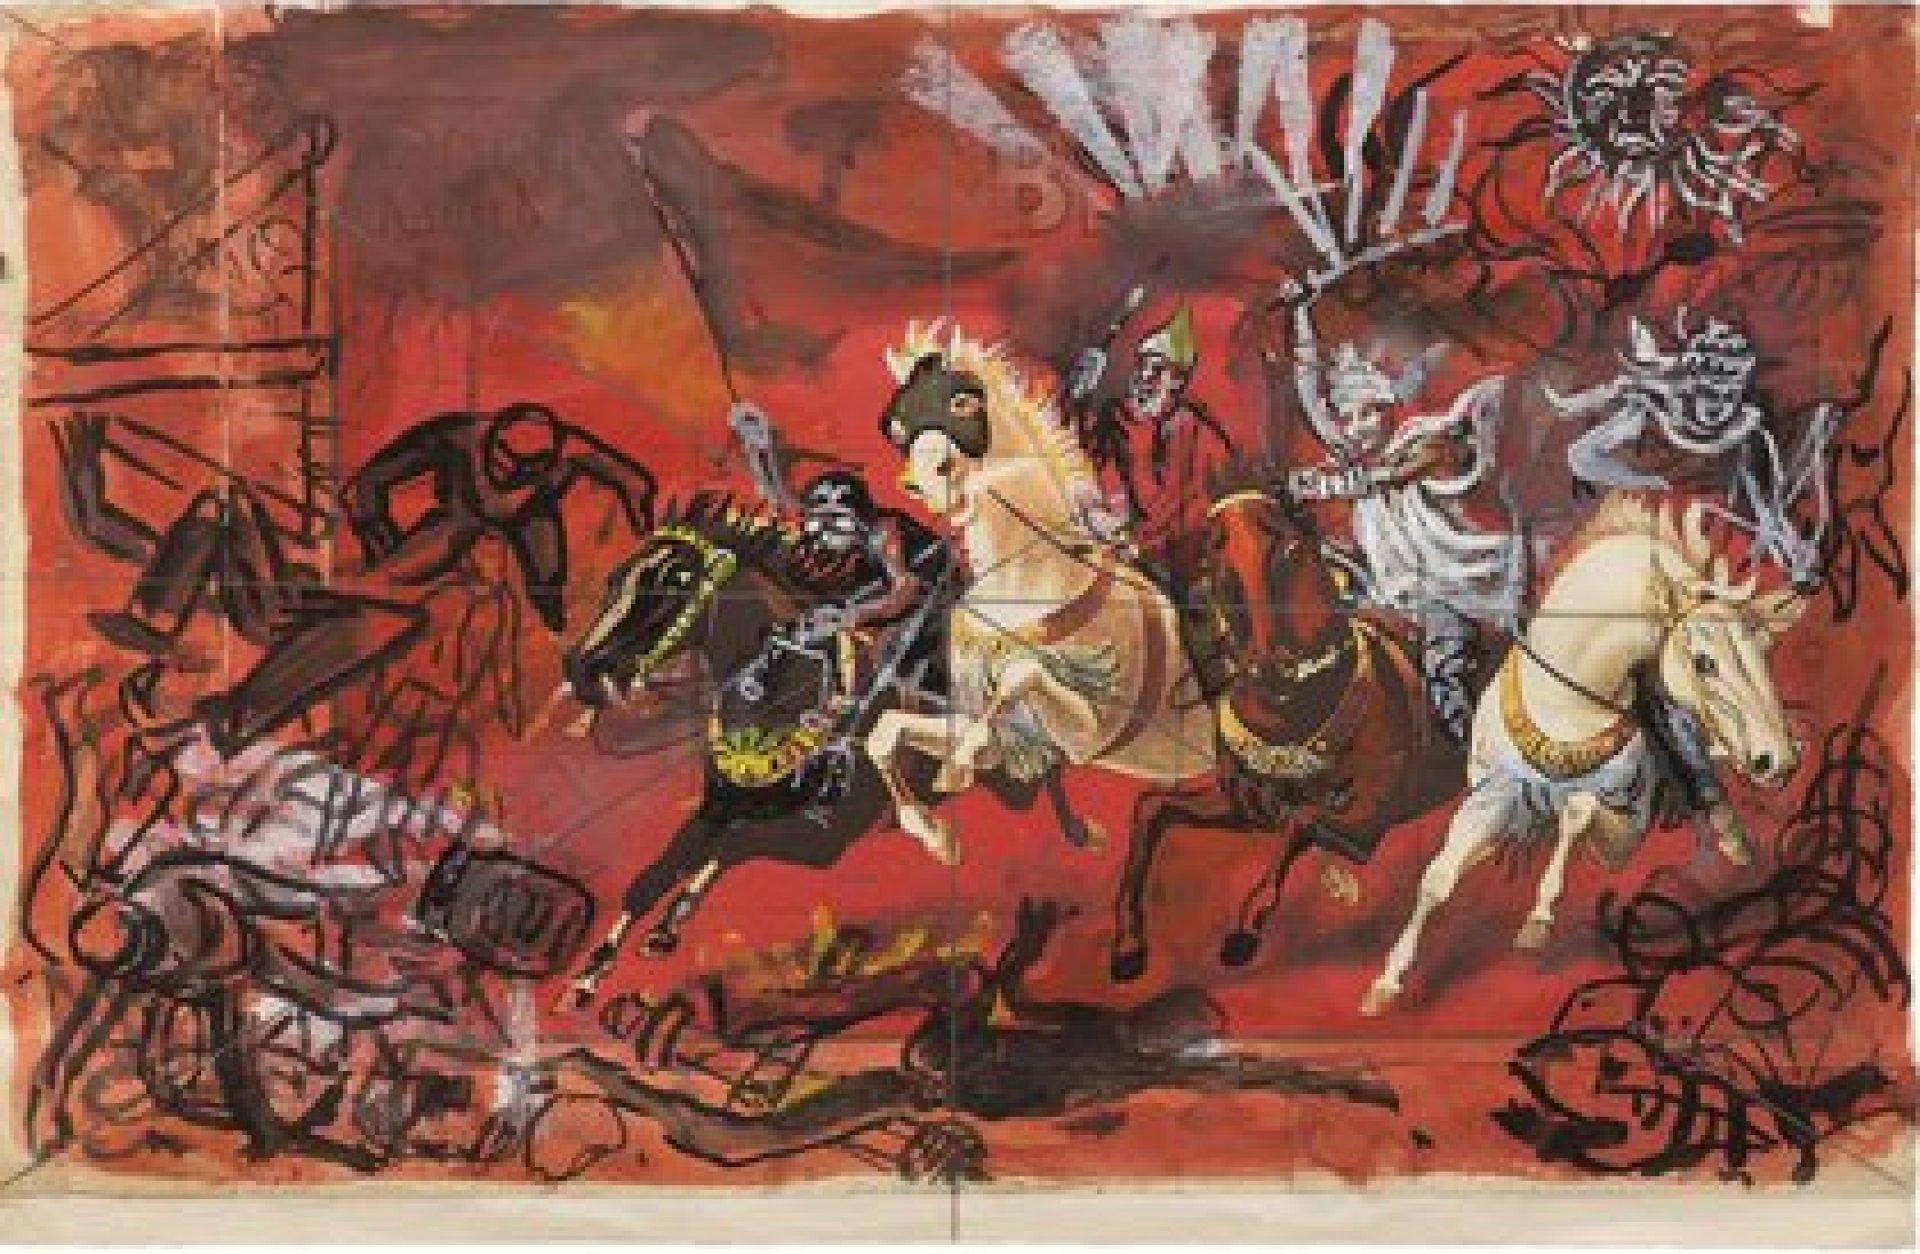 Antonio Berni, Sin título. De la serie Apocalipsis y Crucifixiones, 1980.(30.5 cm x 46 cm). La apocalíptica es un género literario que surge en la cultura hebrea y la iglesia primitiva